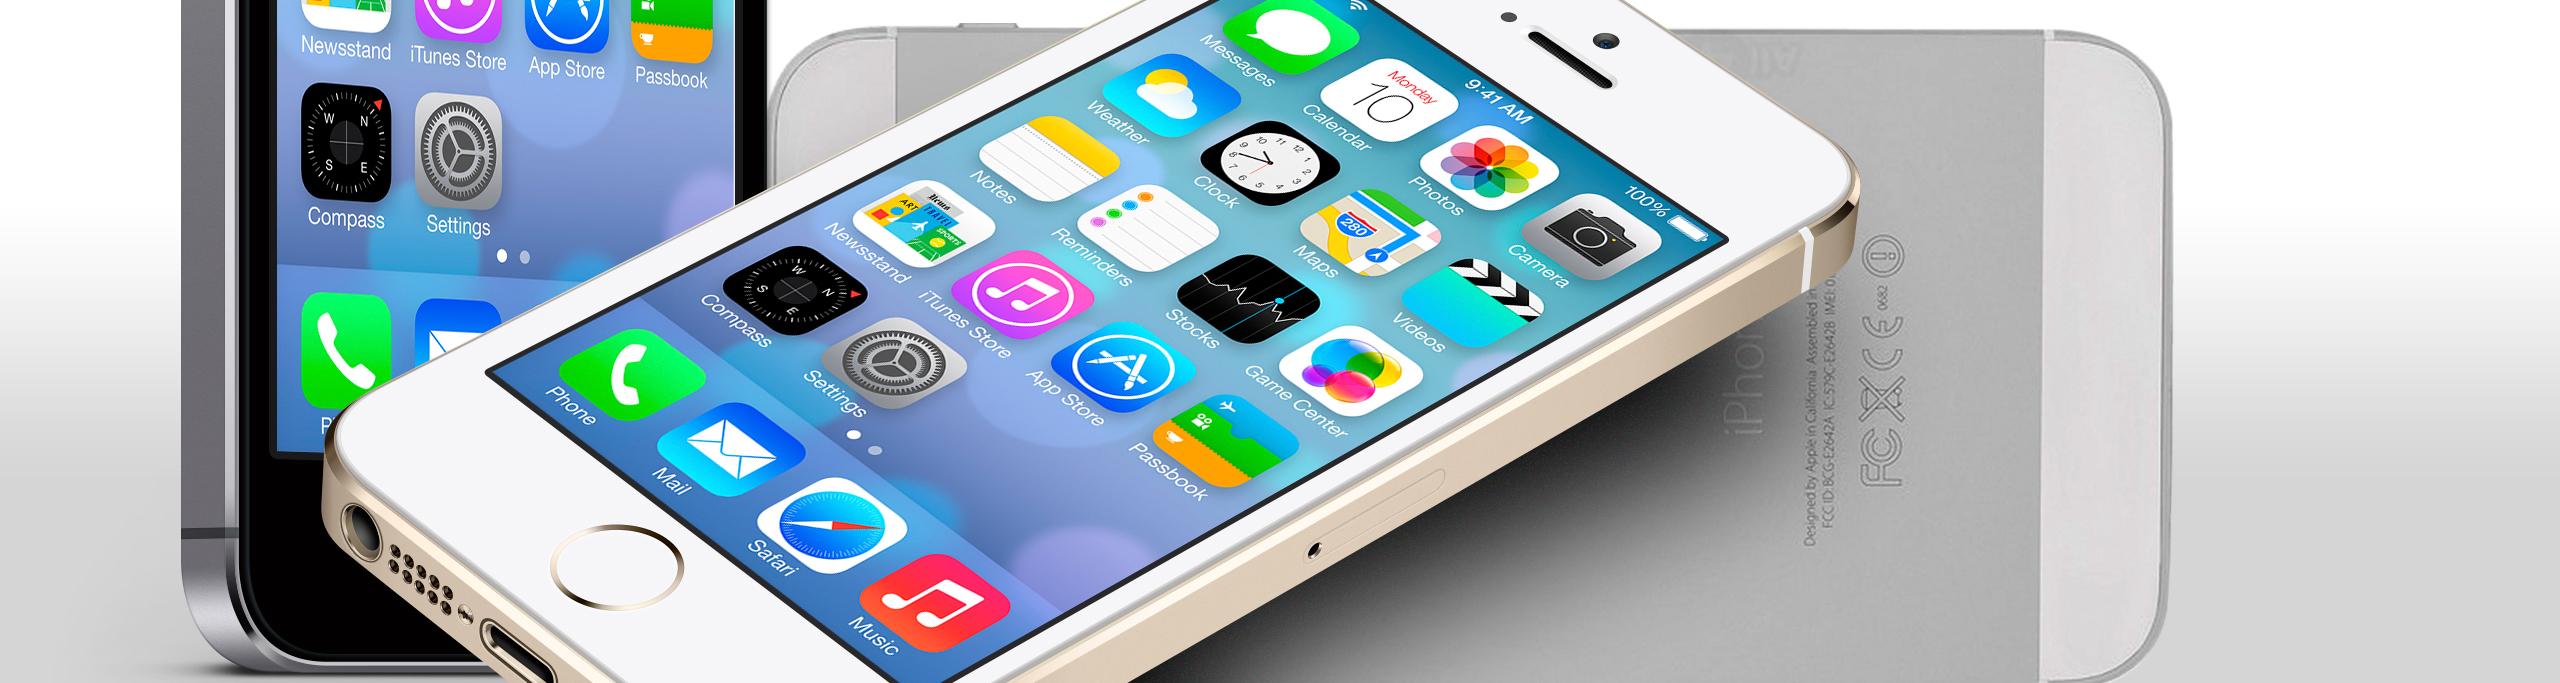 iPhone 5S (A1453 / A1457 / A1518 / A1528 / A1530 / A1533)